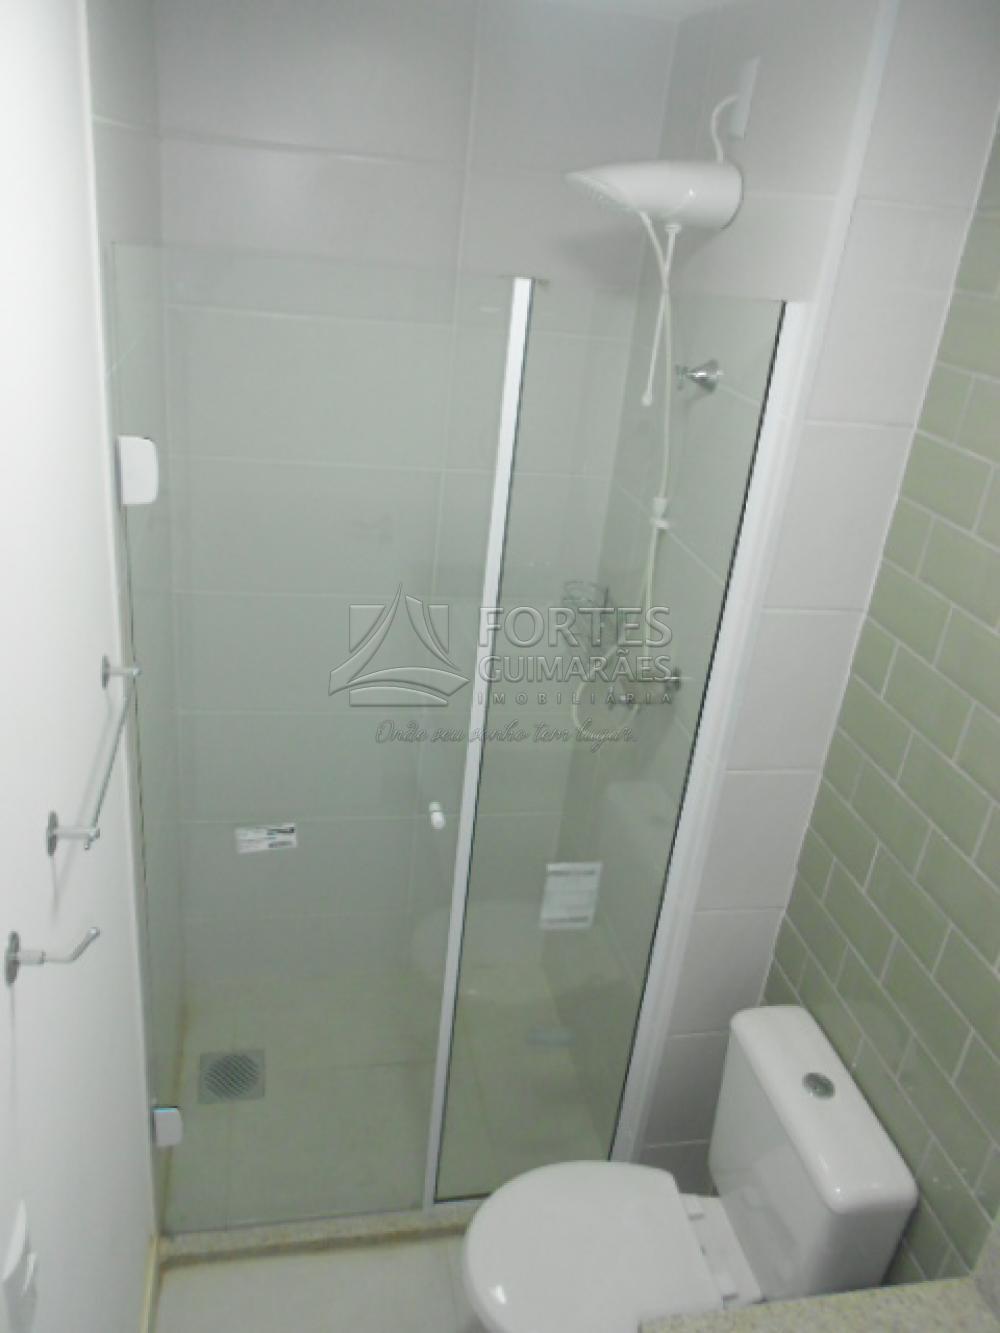 Alugar Apartamentos / Padrão em Ribeirão Preto apenas R$ 1.500,00 - Foto 21